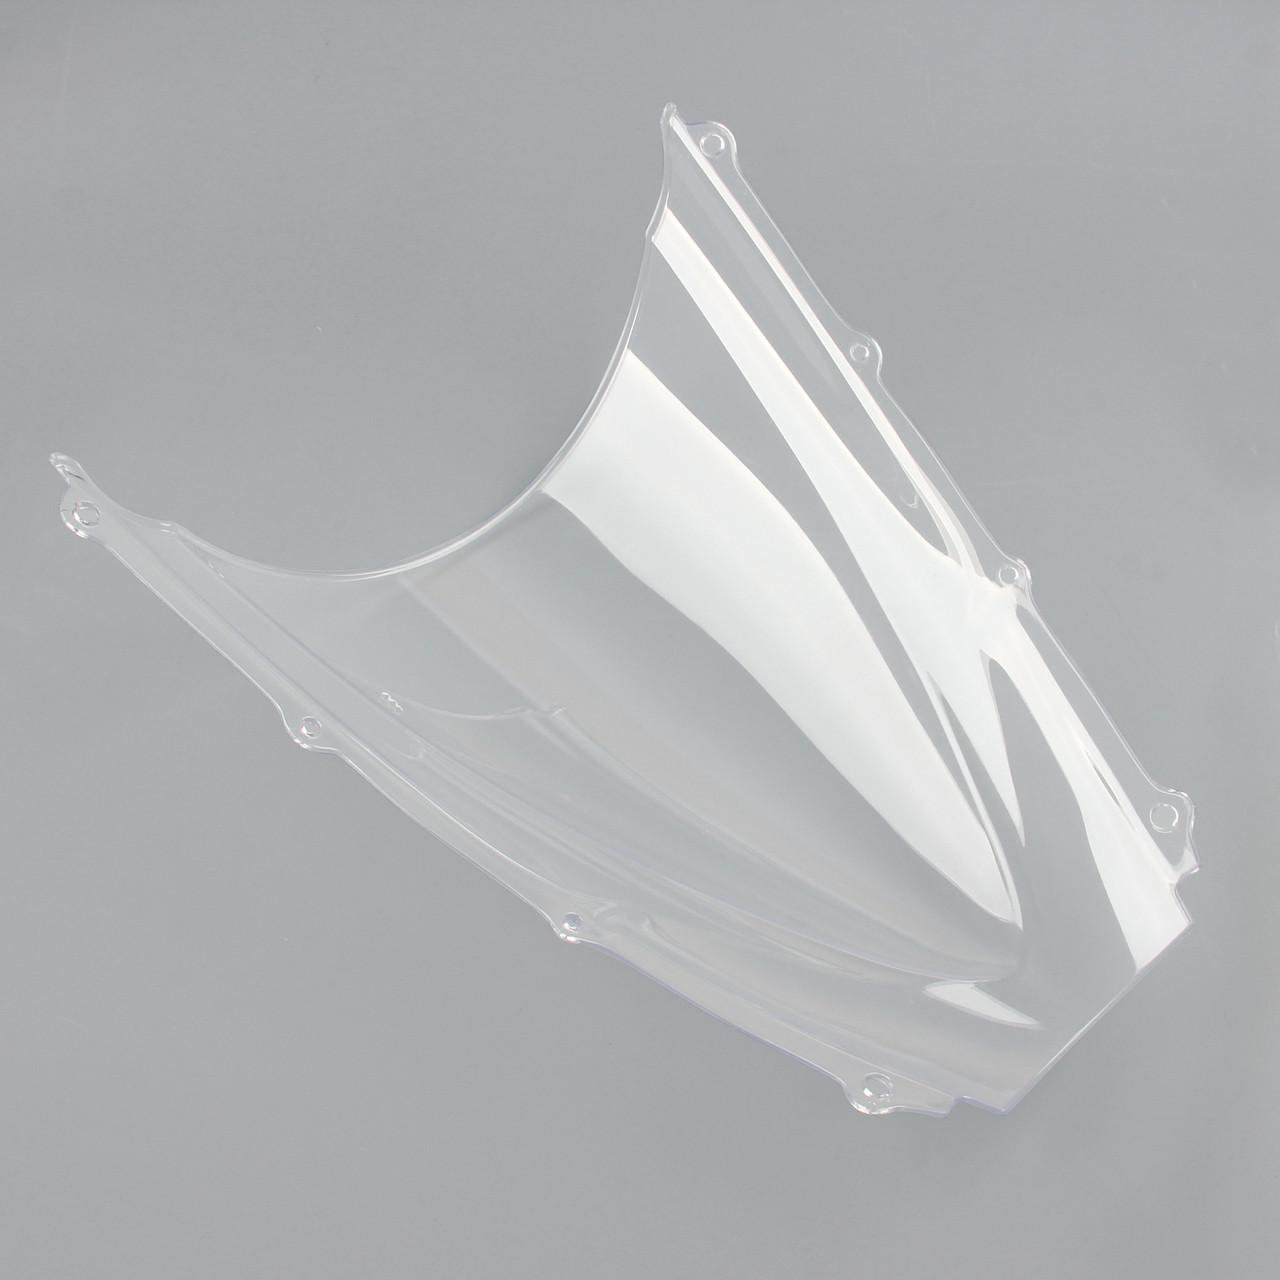 Windscreen Windshield Triumph Daytona 675 (2006-2008) Double Bubble, Clear